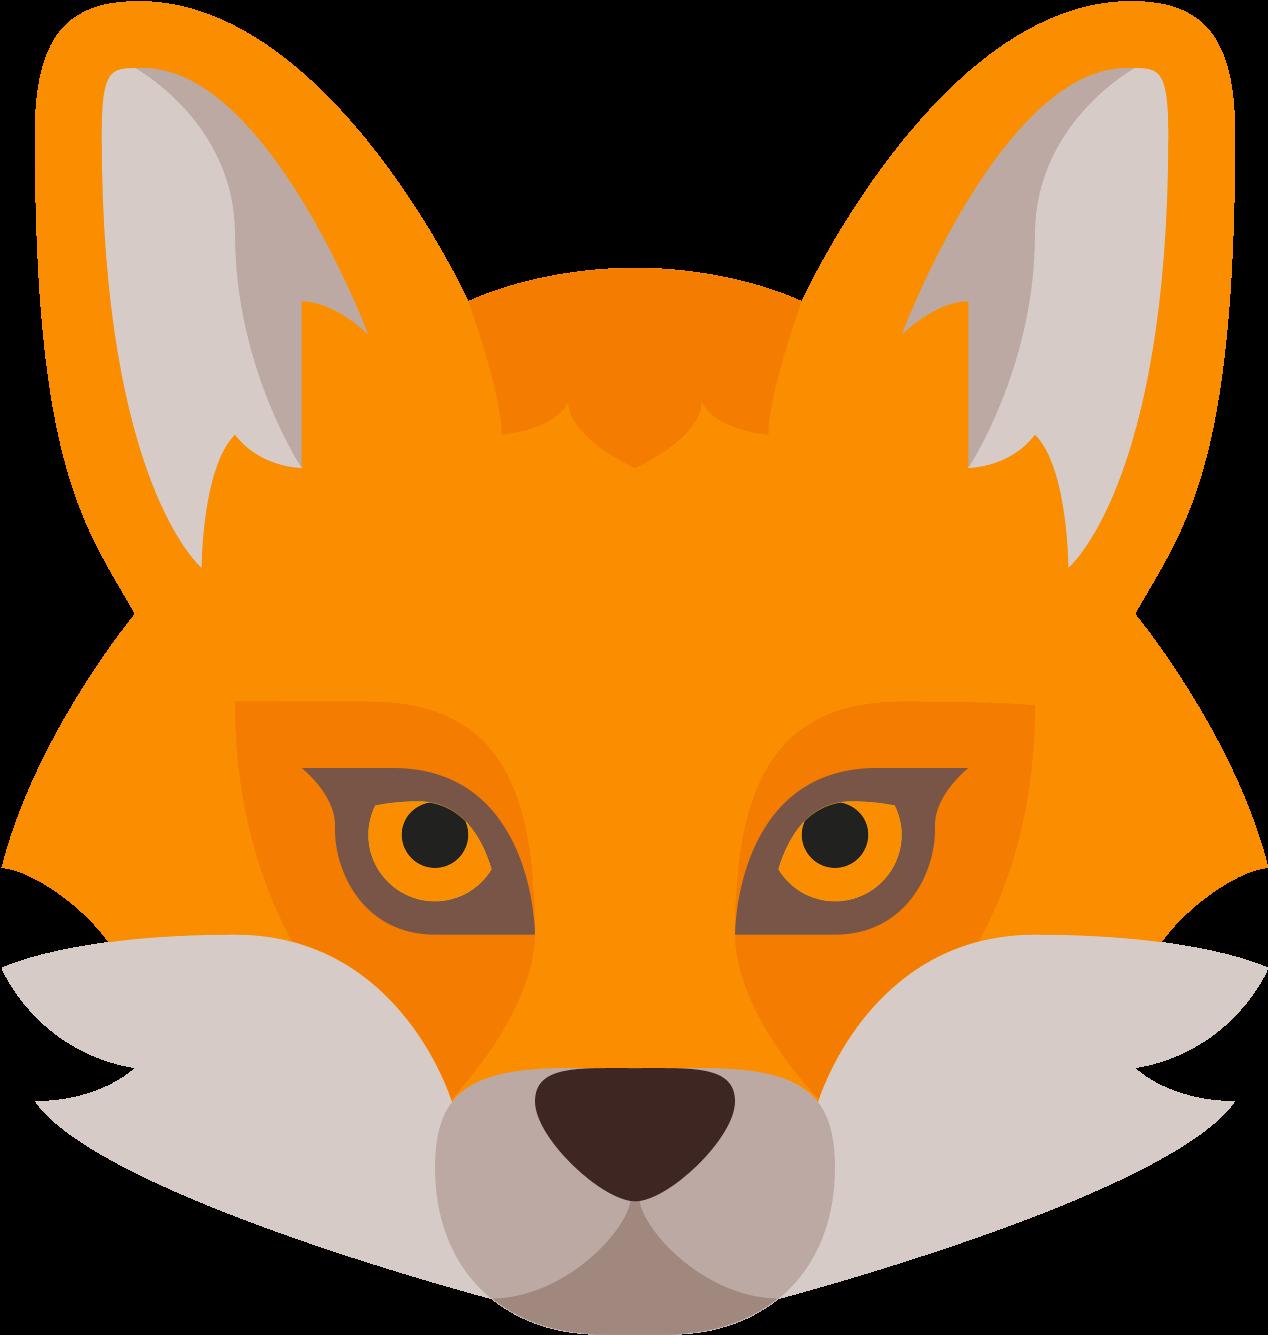 картинка голова лисички обвиненная